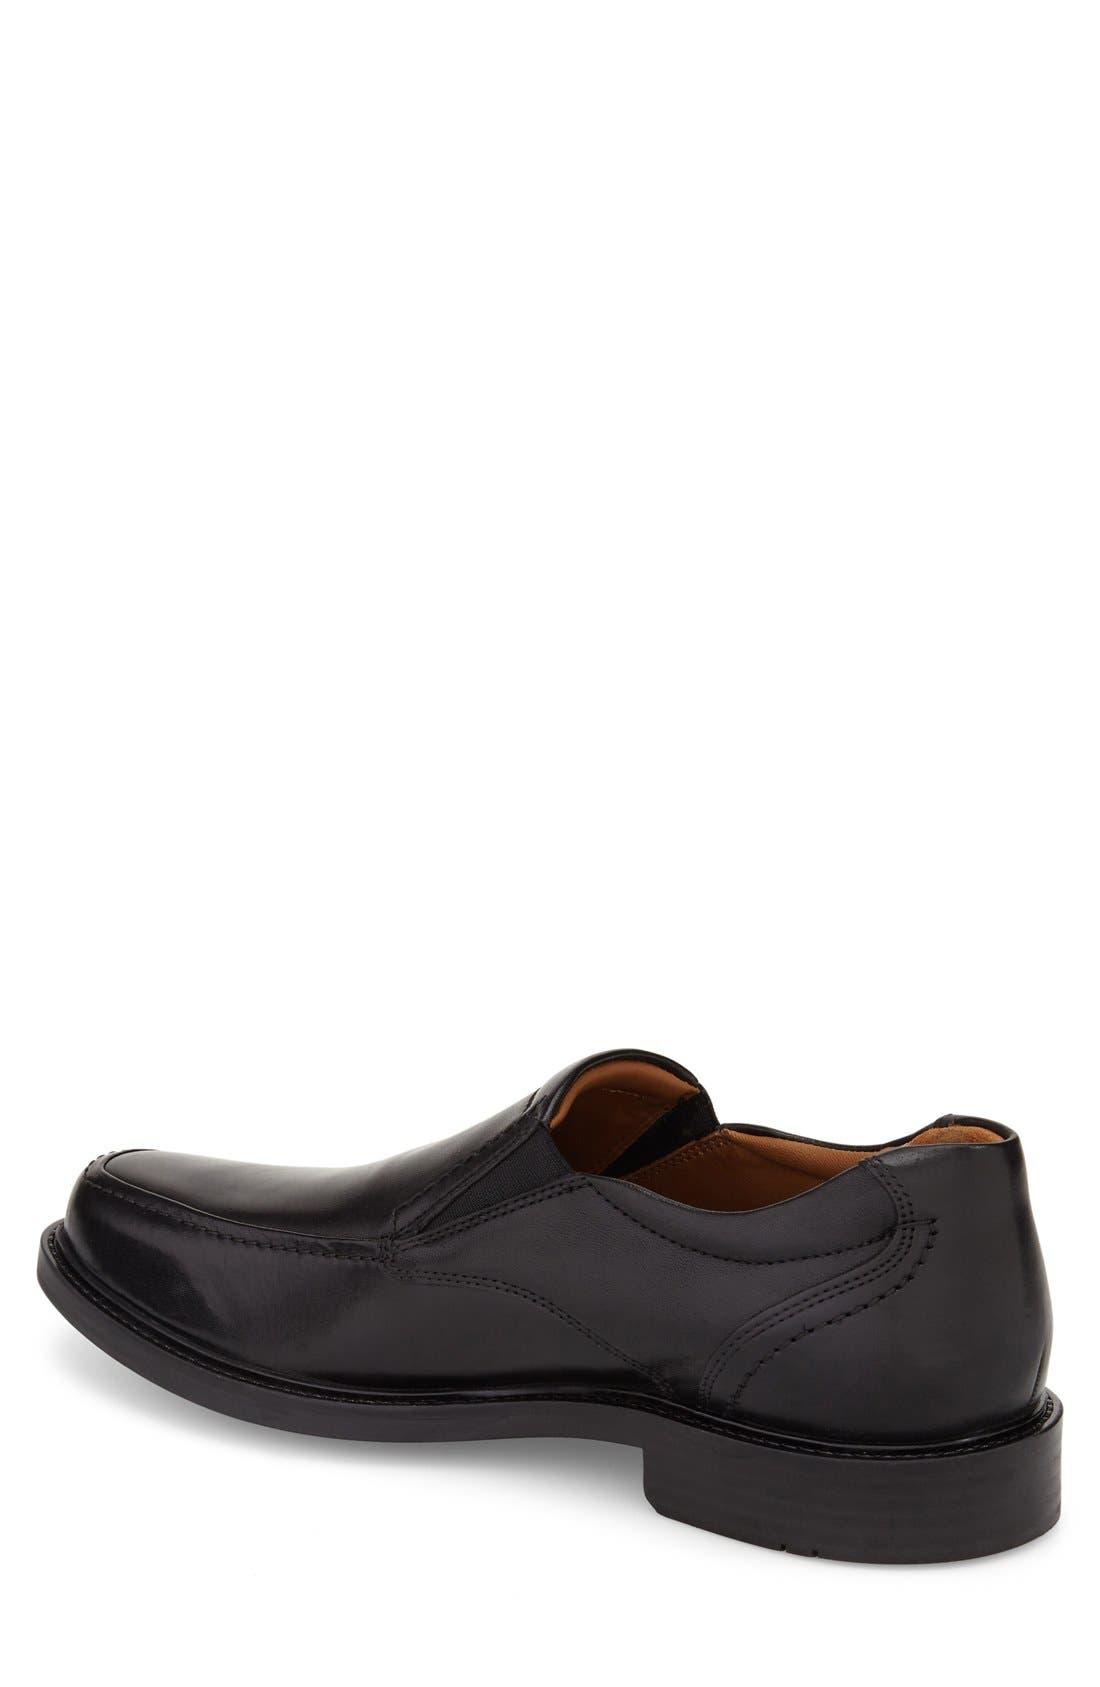 Tabor Venetian Loafer,                             Alternate thumbnail 2, color,                             BLACK LEATHER